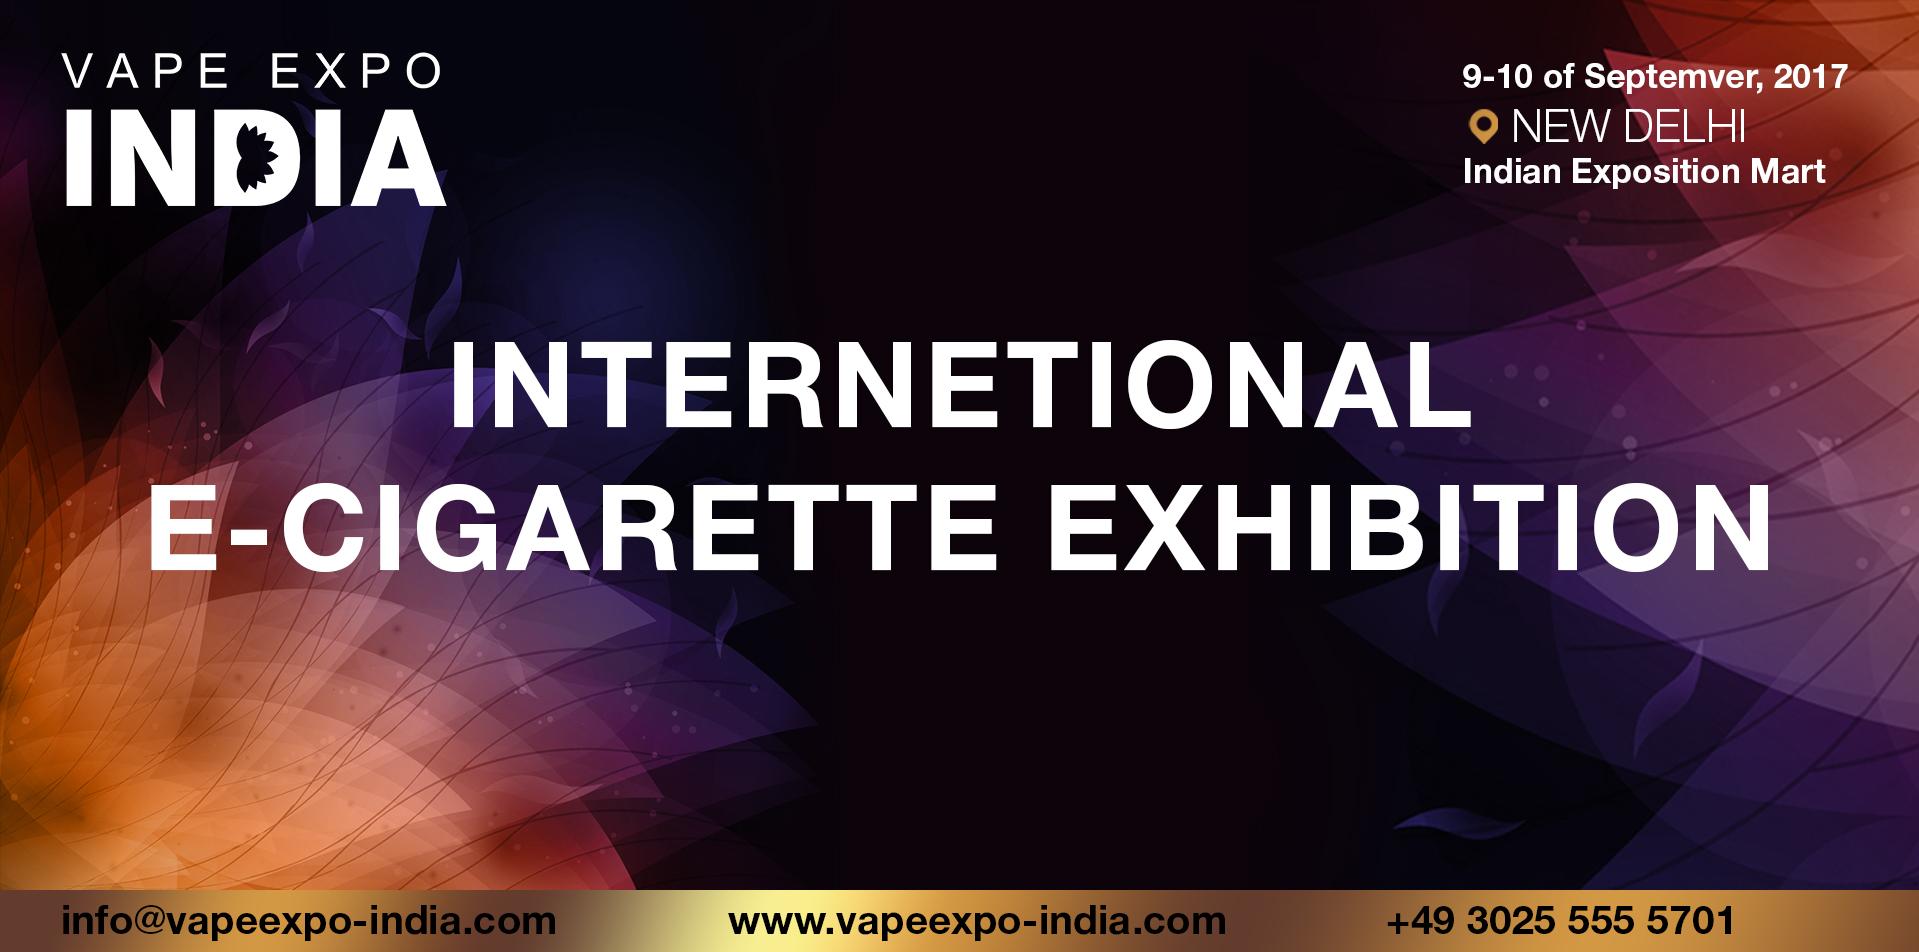 Vape Expo India